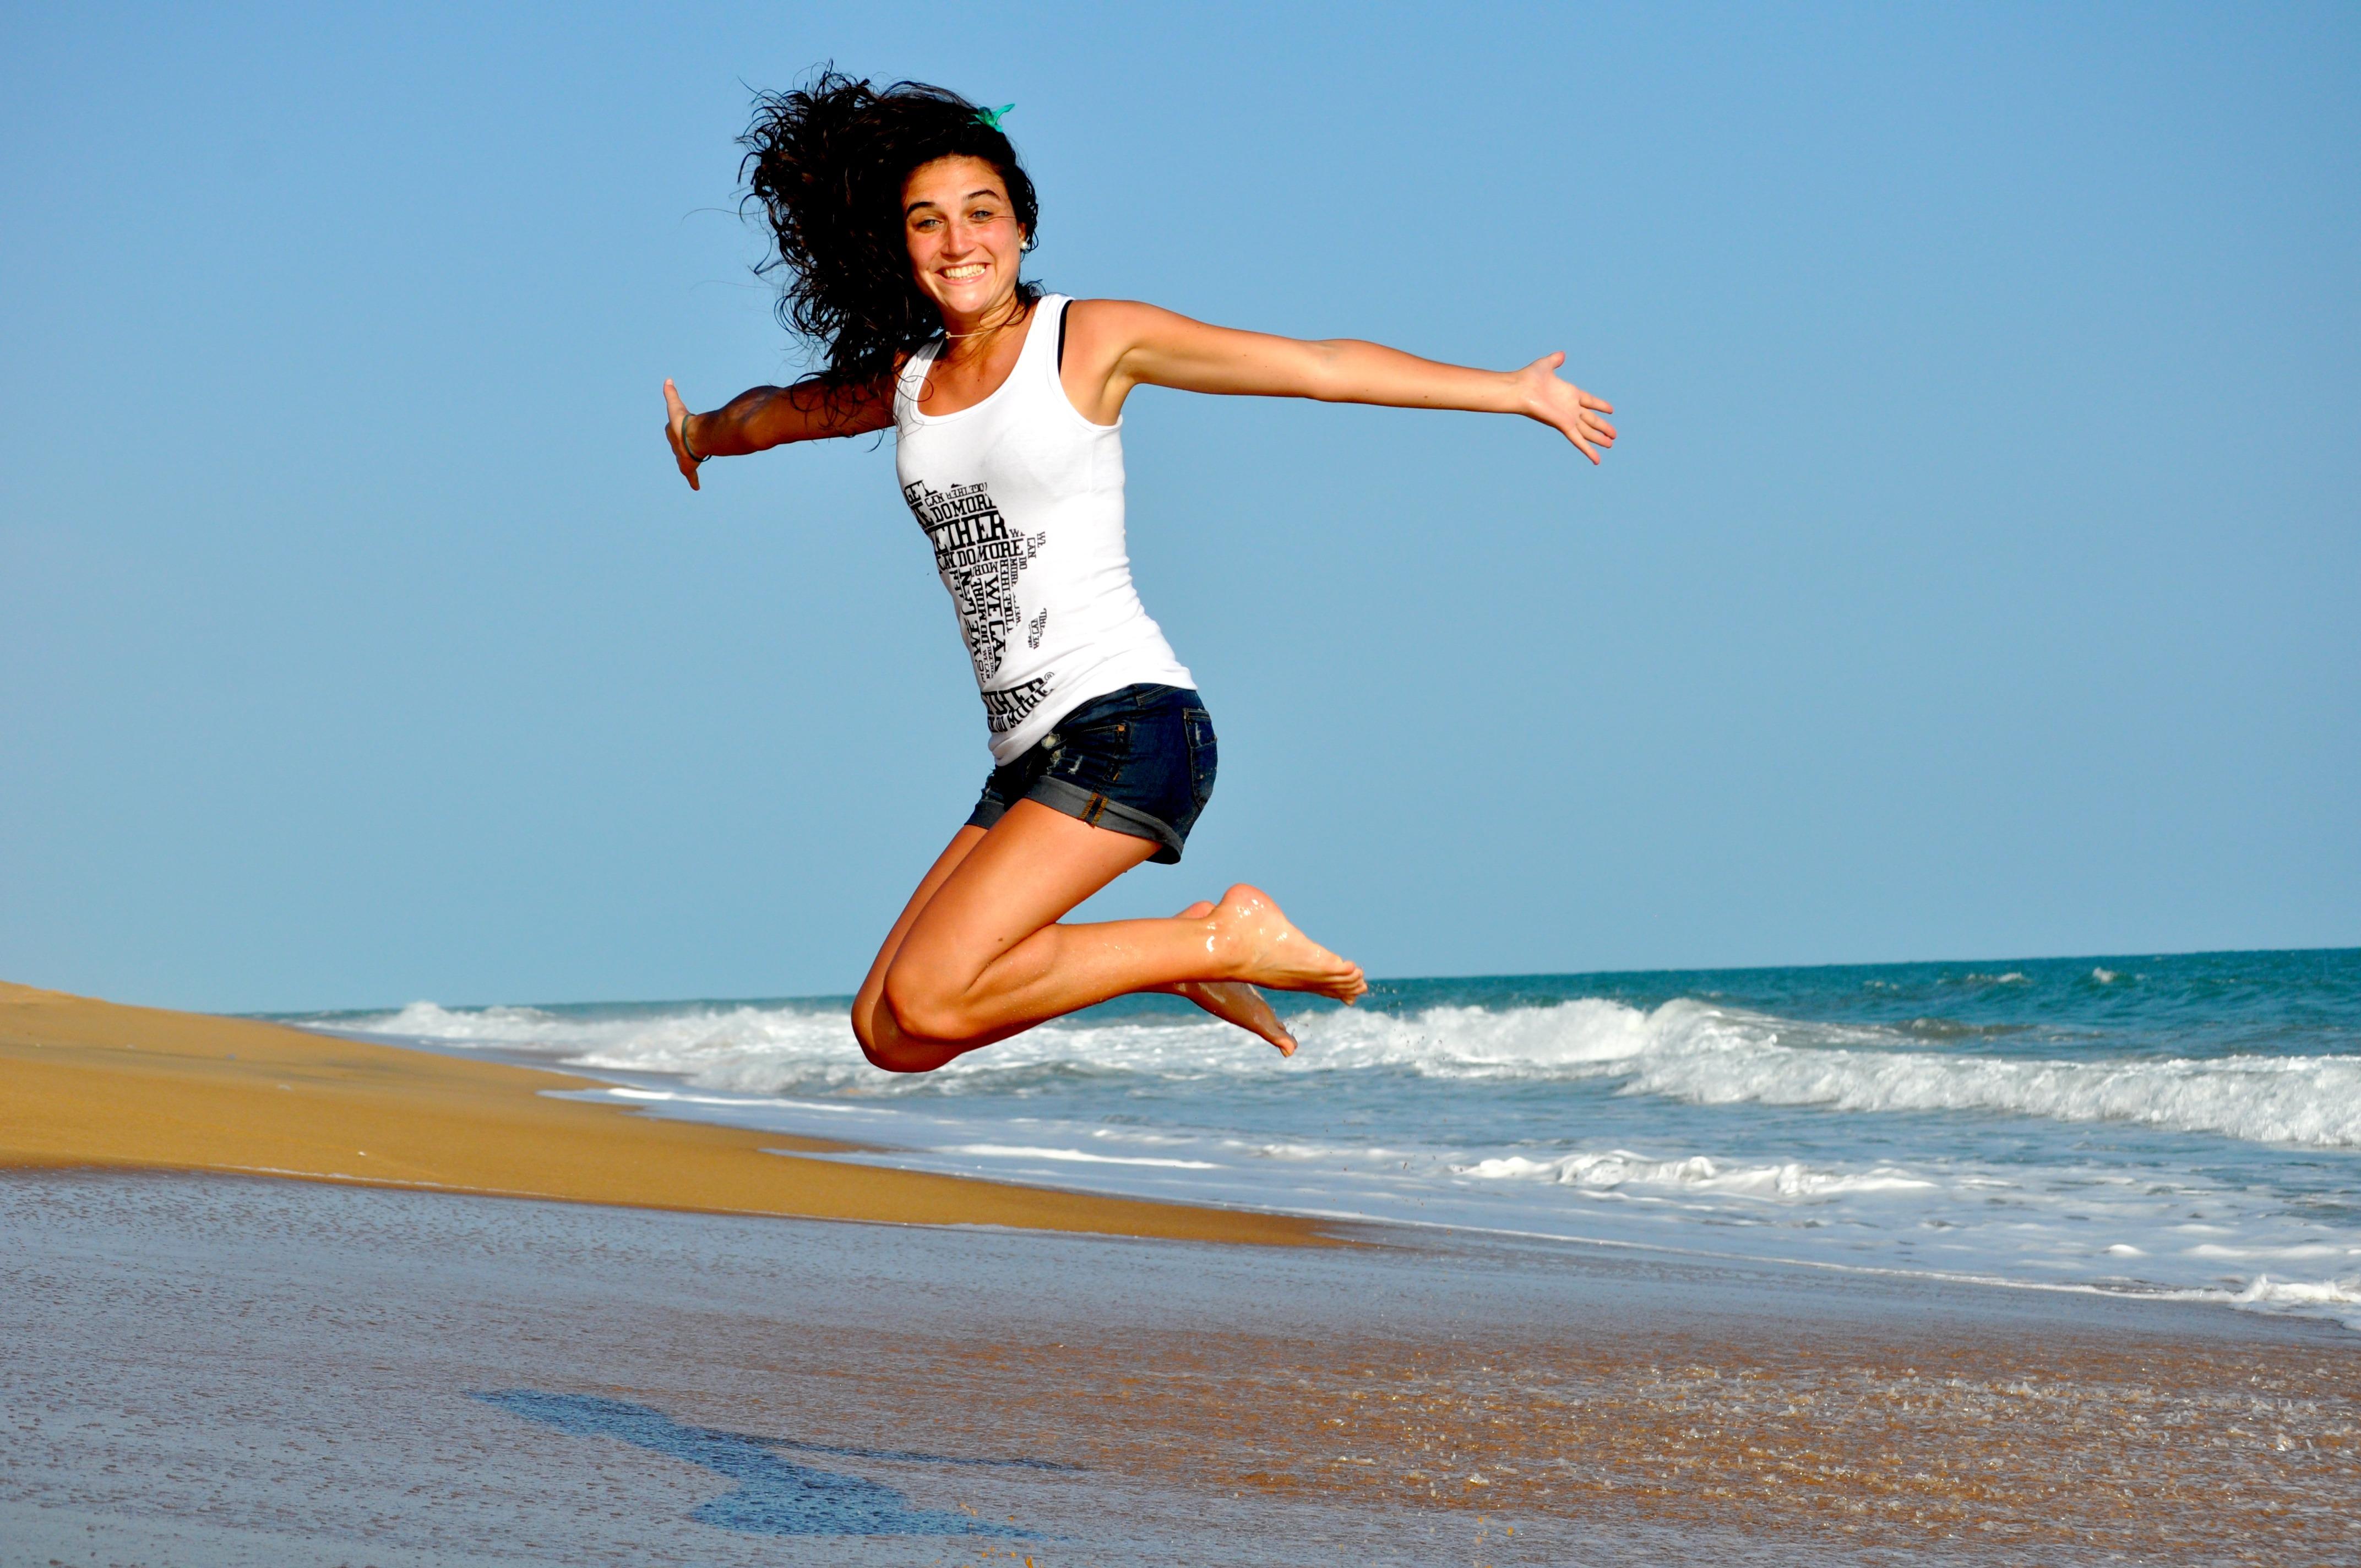 Letní akce a dobrodružství jsou v plném proudu